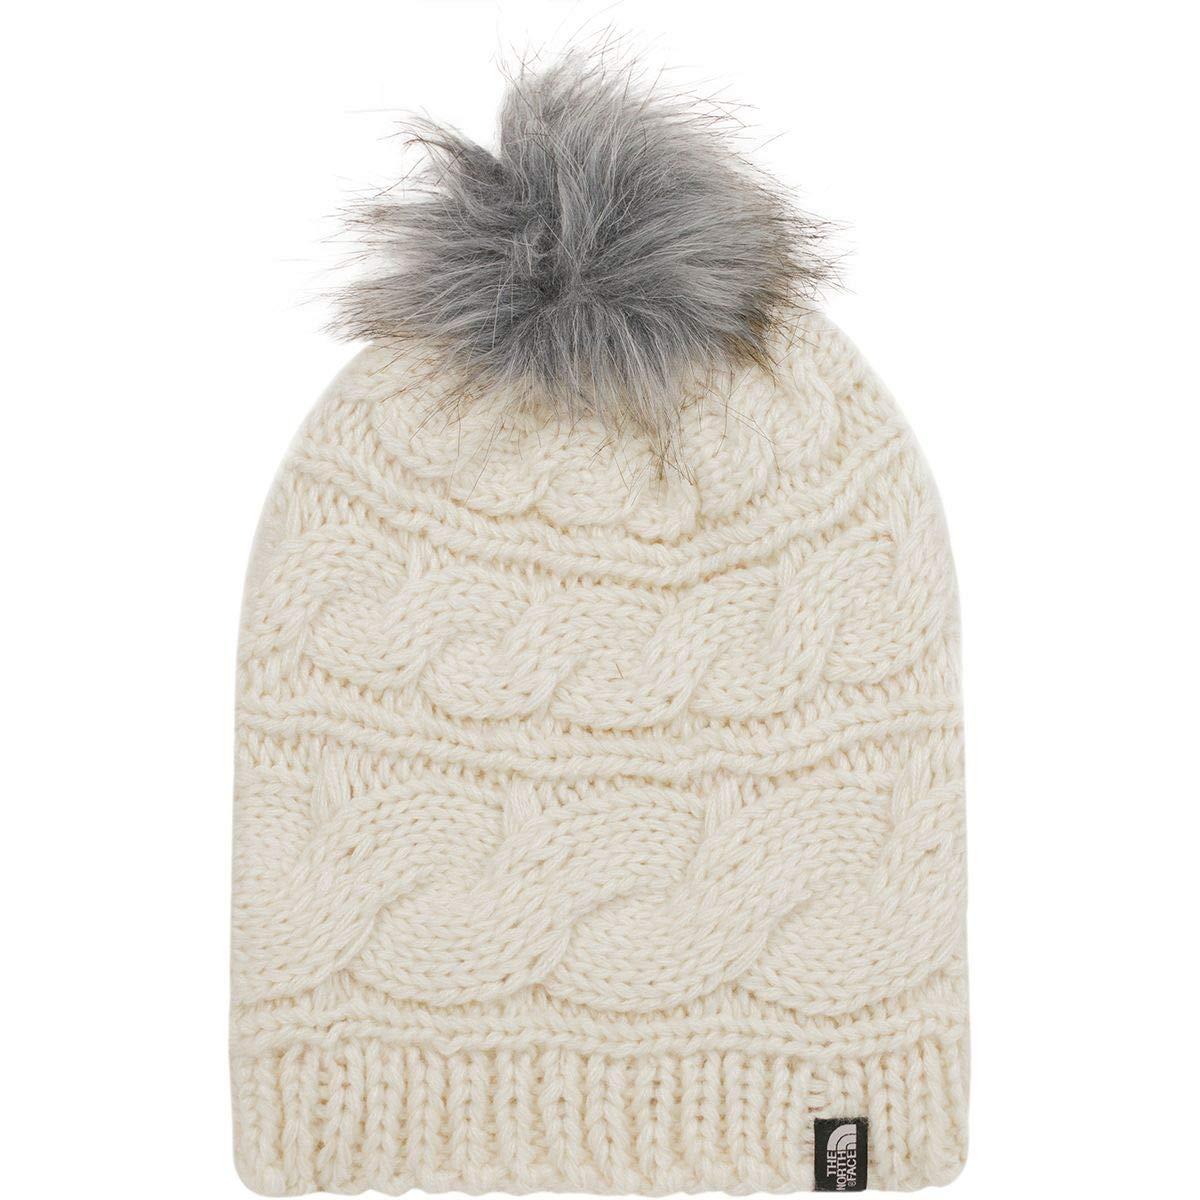 The North Face HAT レディース B078WGP44G Vintage White & Mid Grey Vintage White & Mid Grey